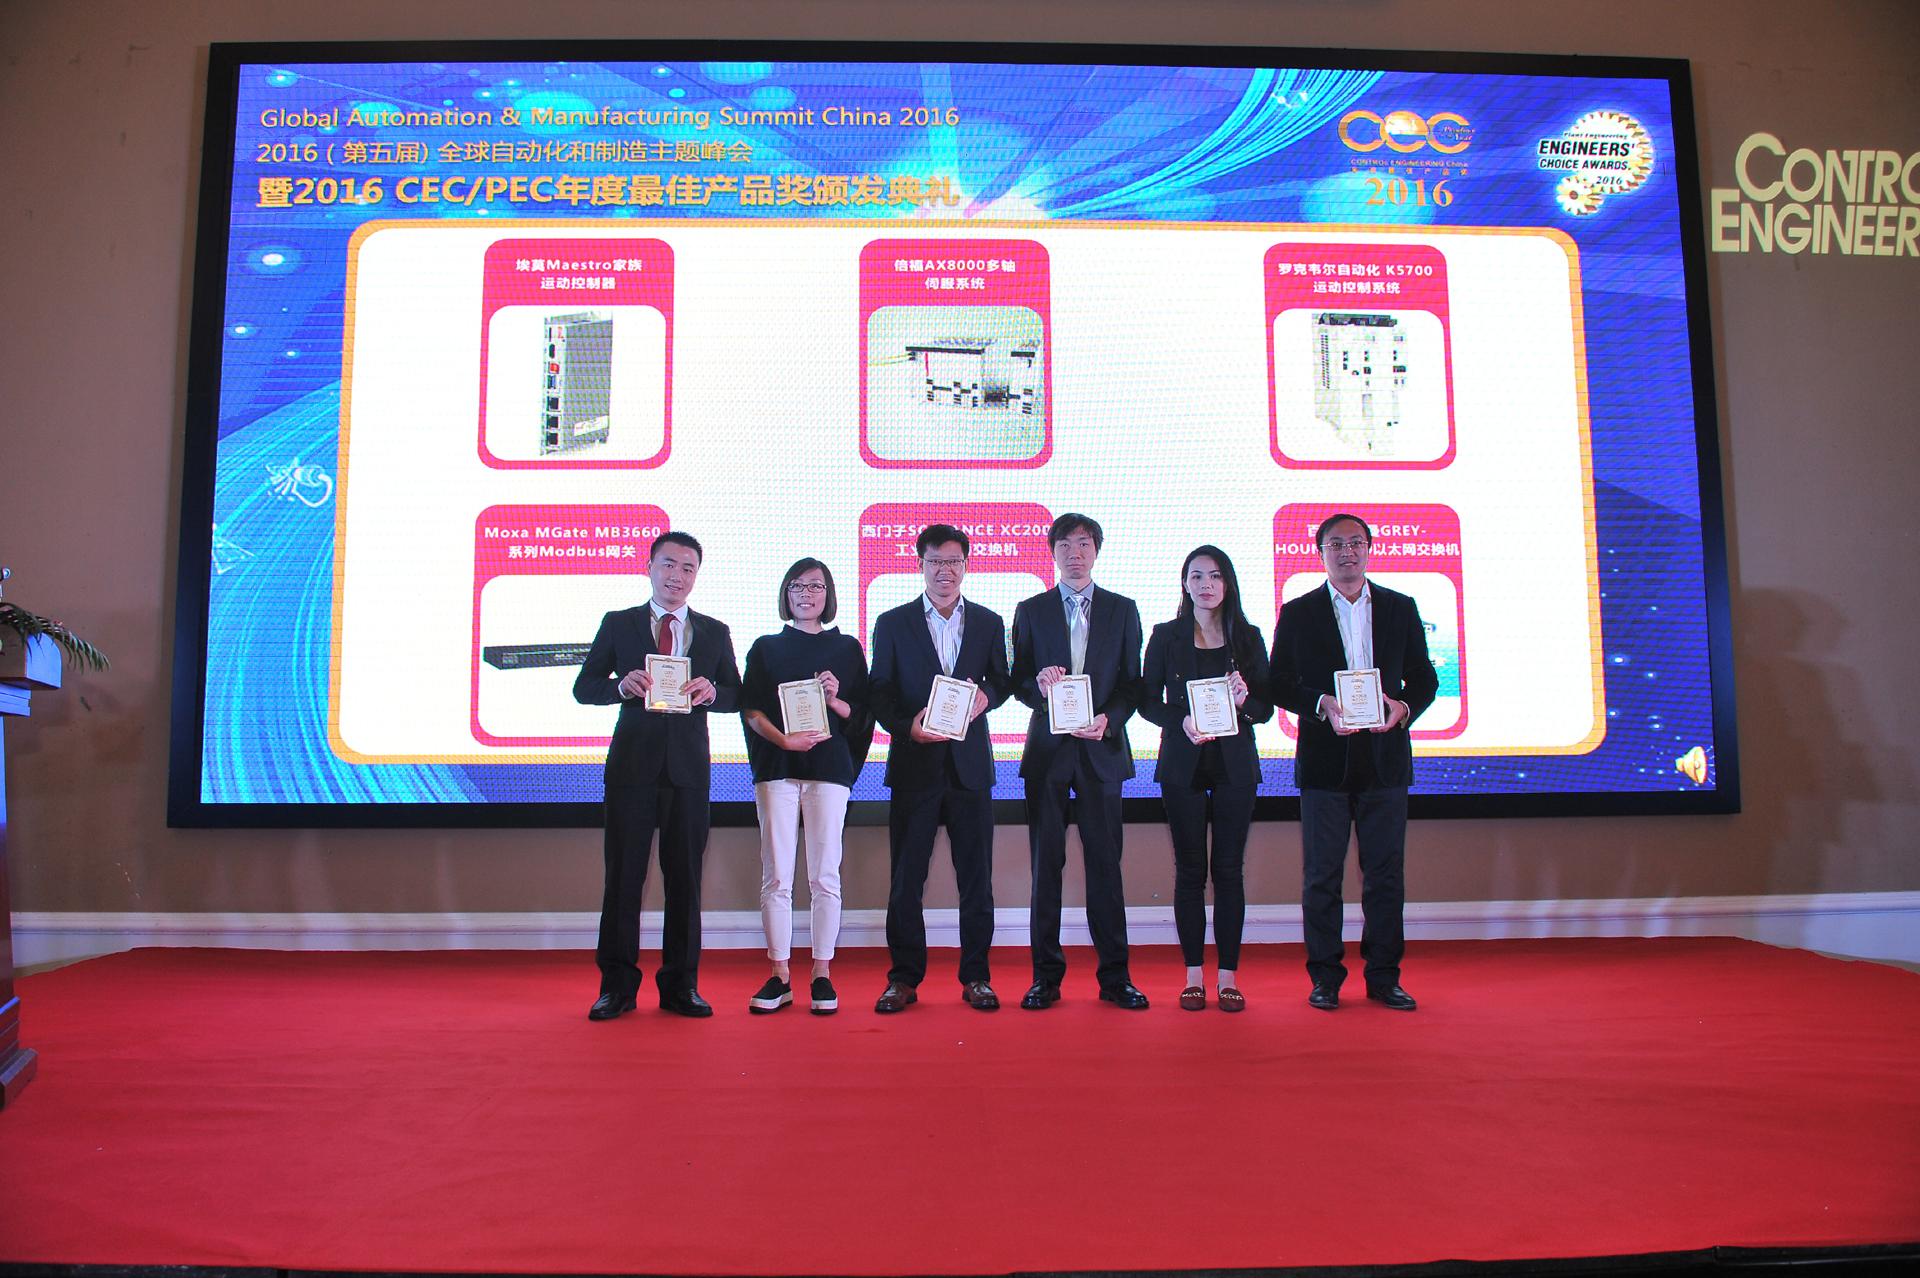 倍福 AX8000 多轴伺服系统荣膺 CEC2016 最佳产品奖